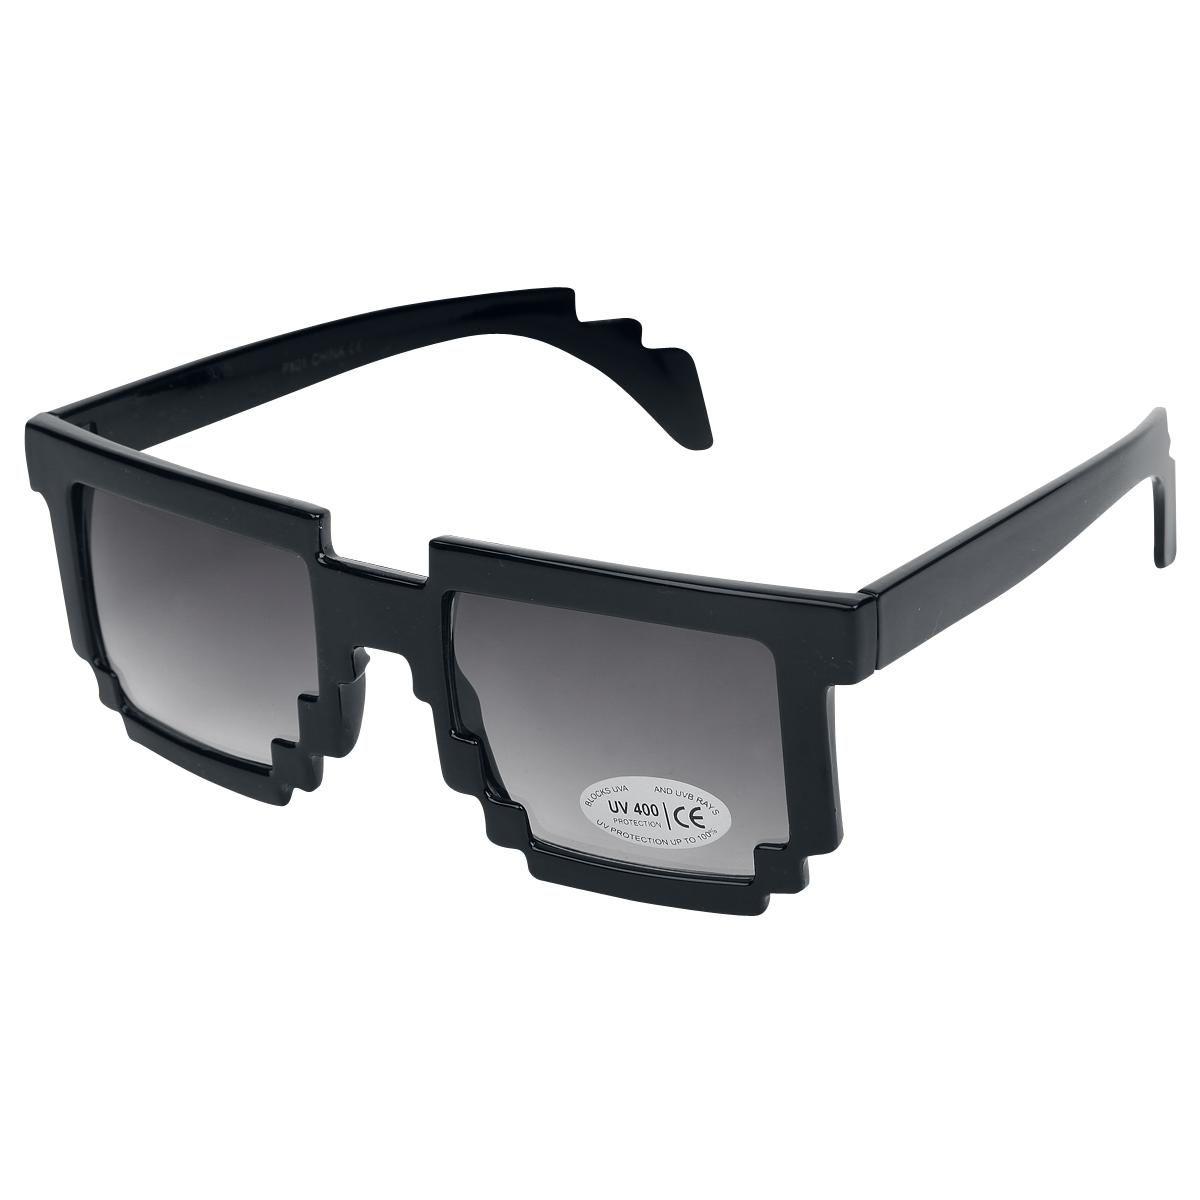 Gafas de sol retro look pixel. Las gafas de sol tienen cristales ...